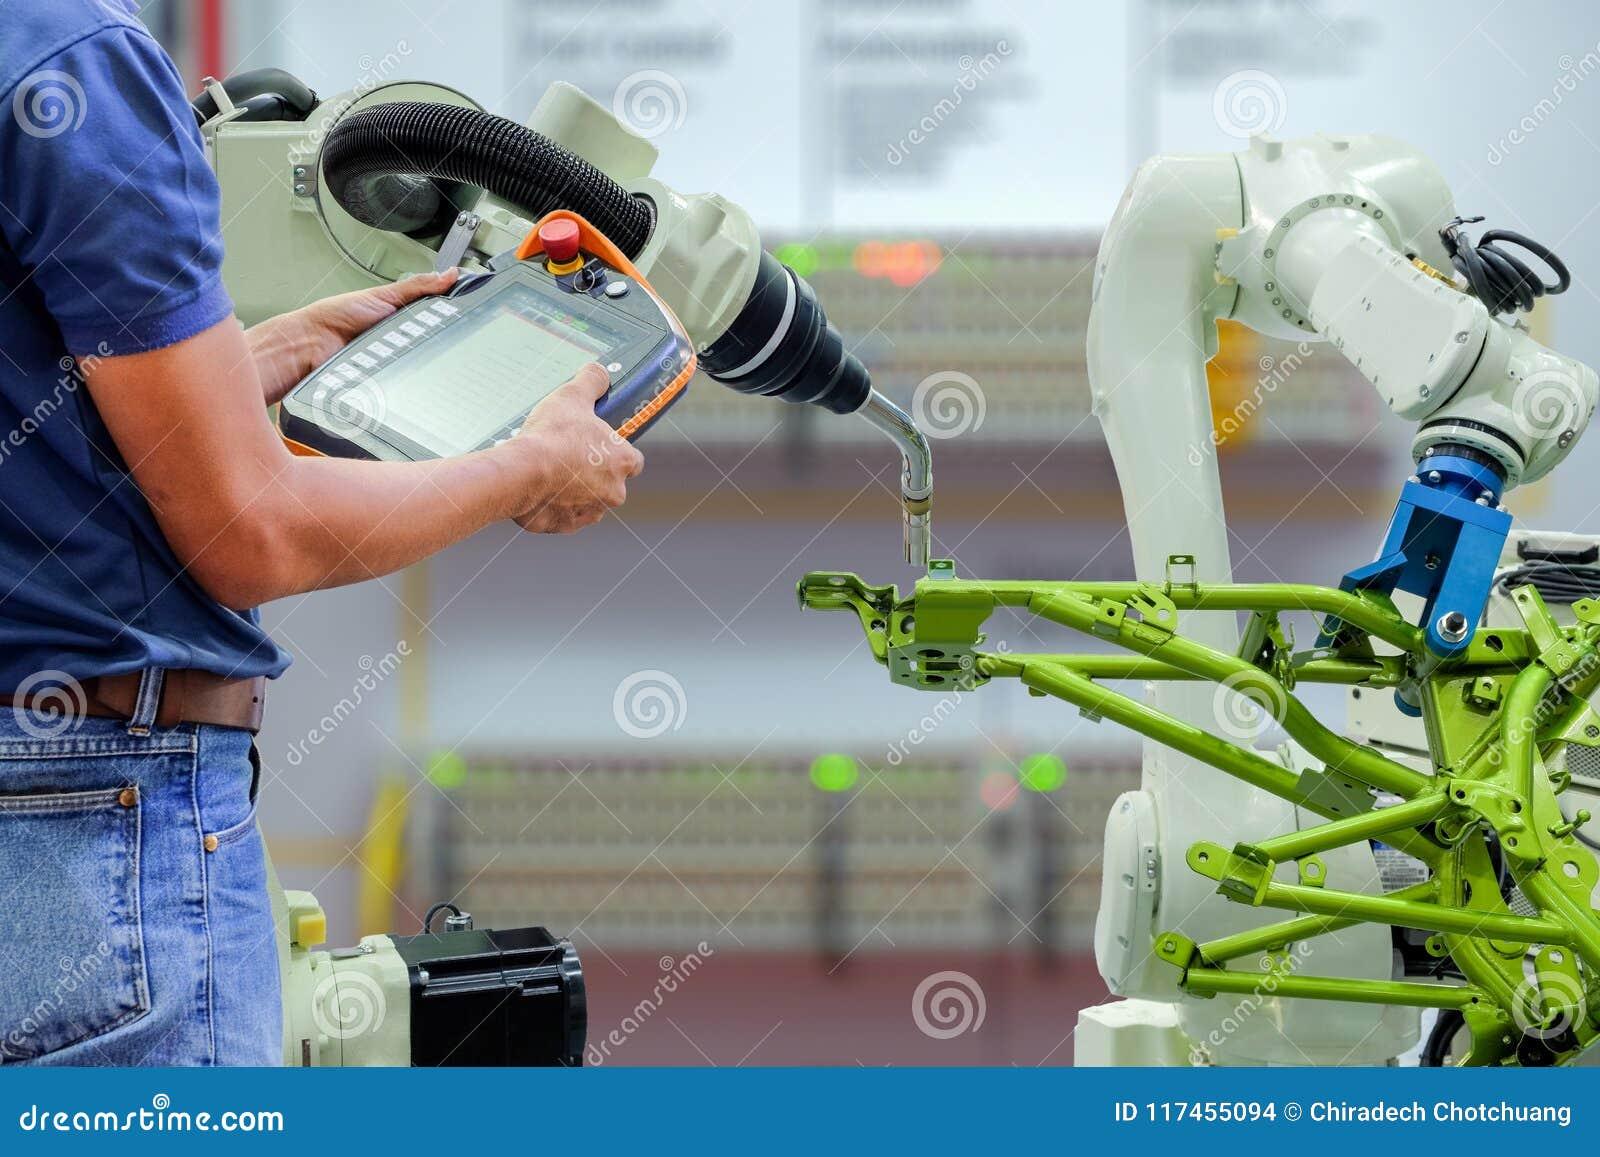 Intelligente Fabrik auf Industrie 4 0 Technologie